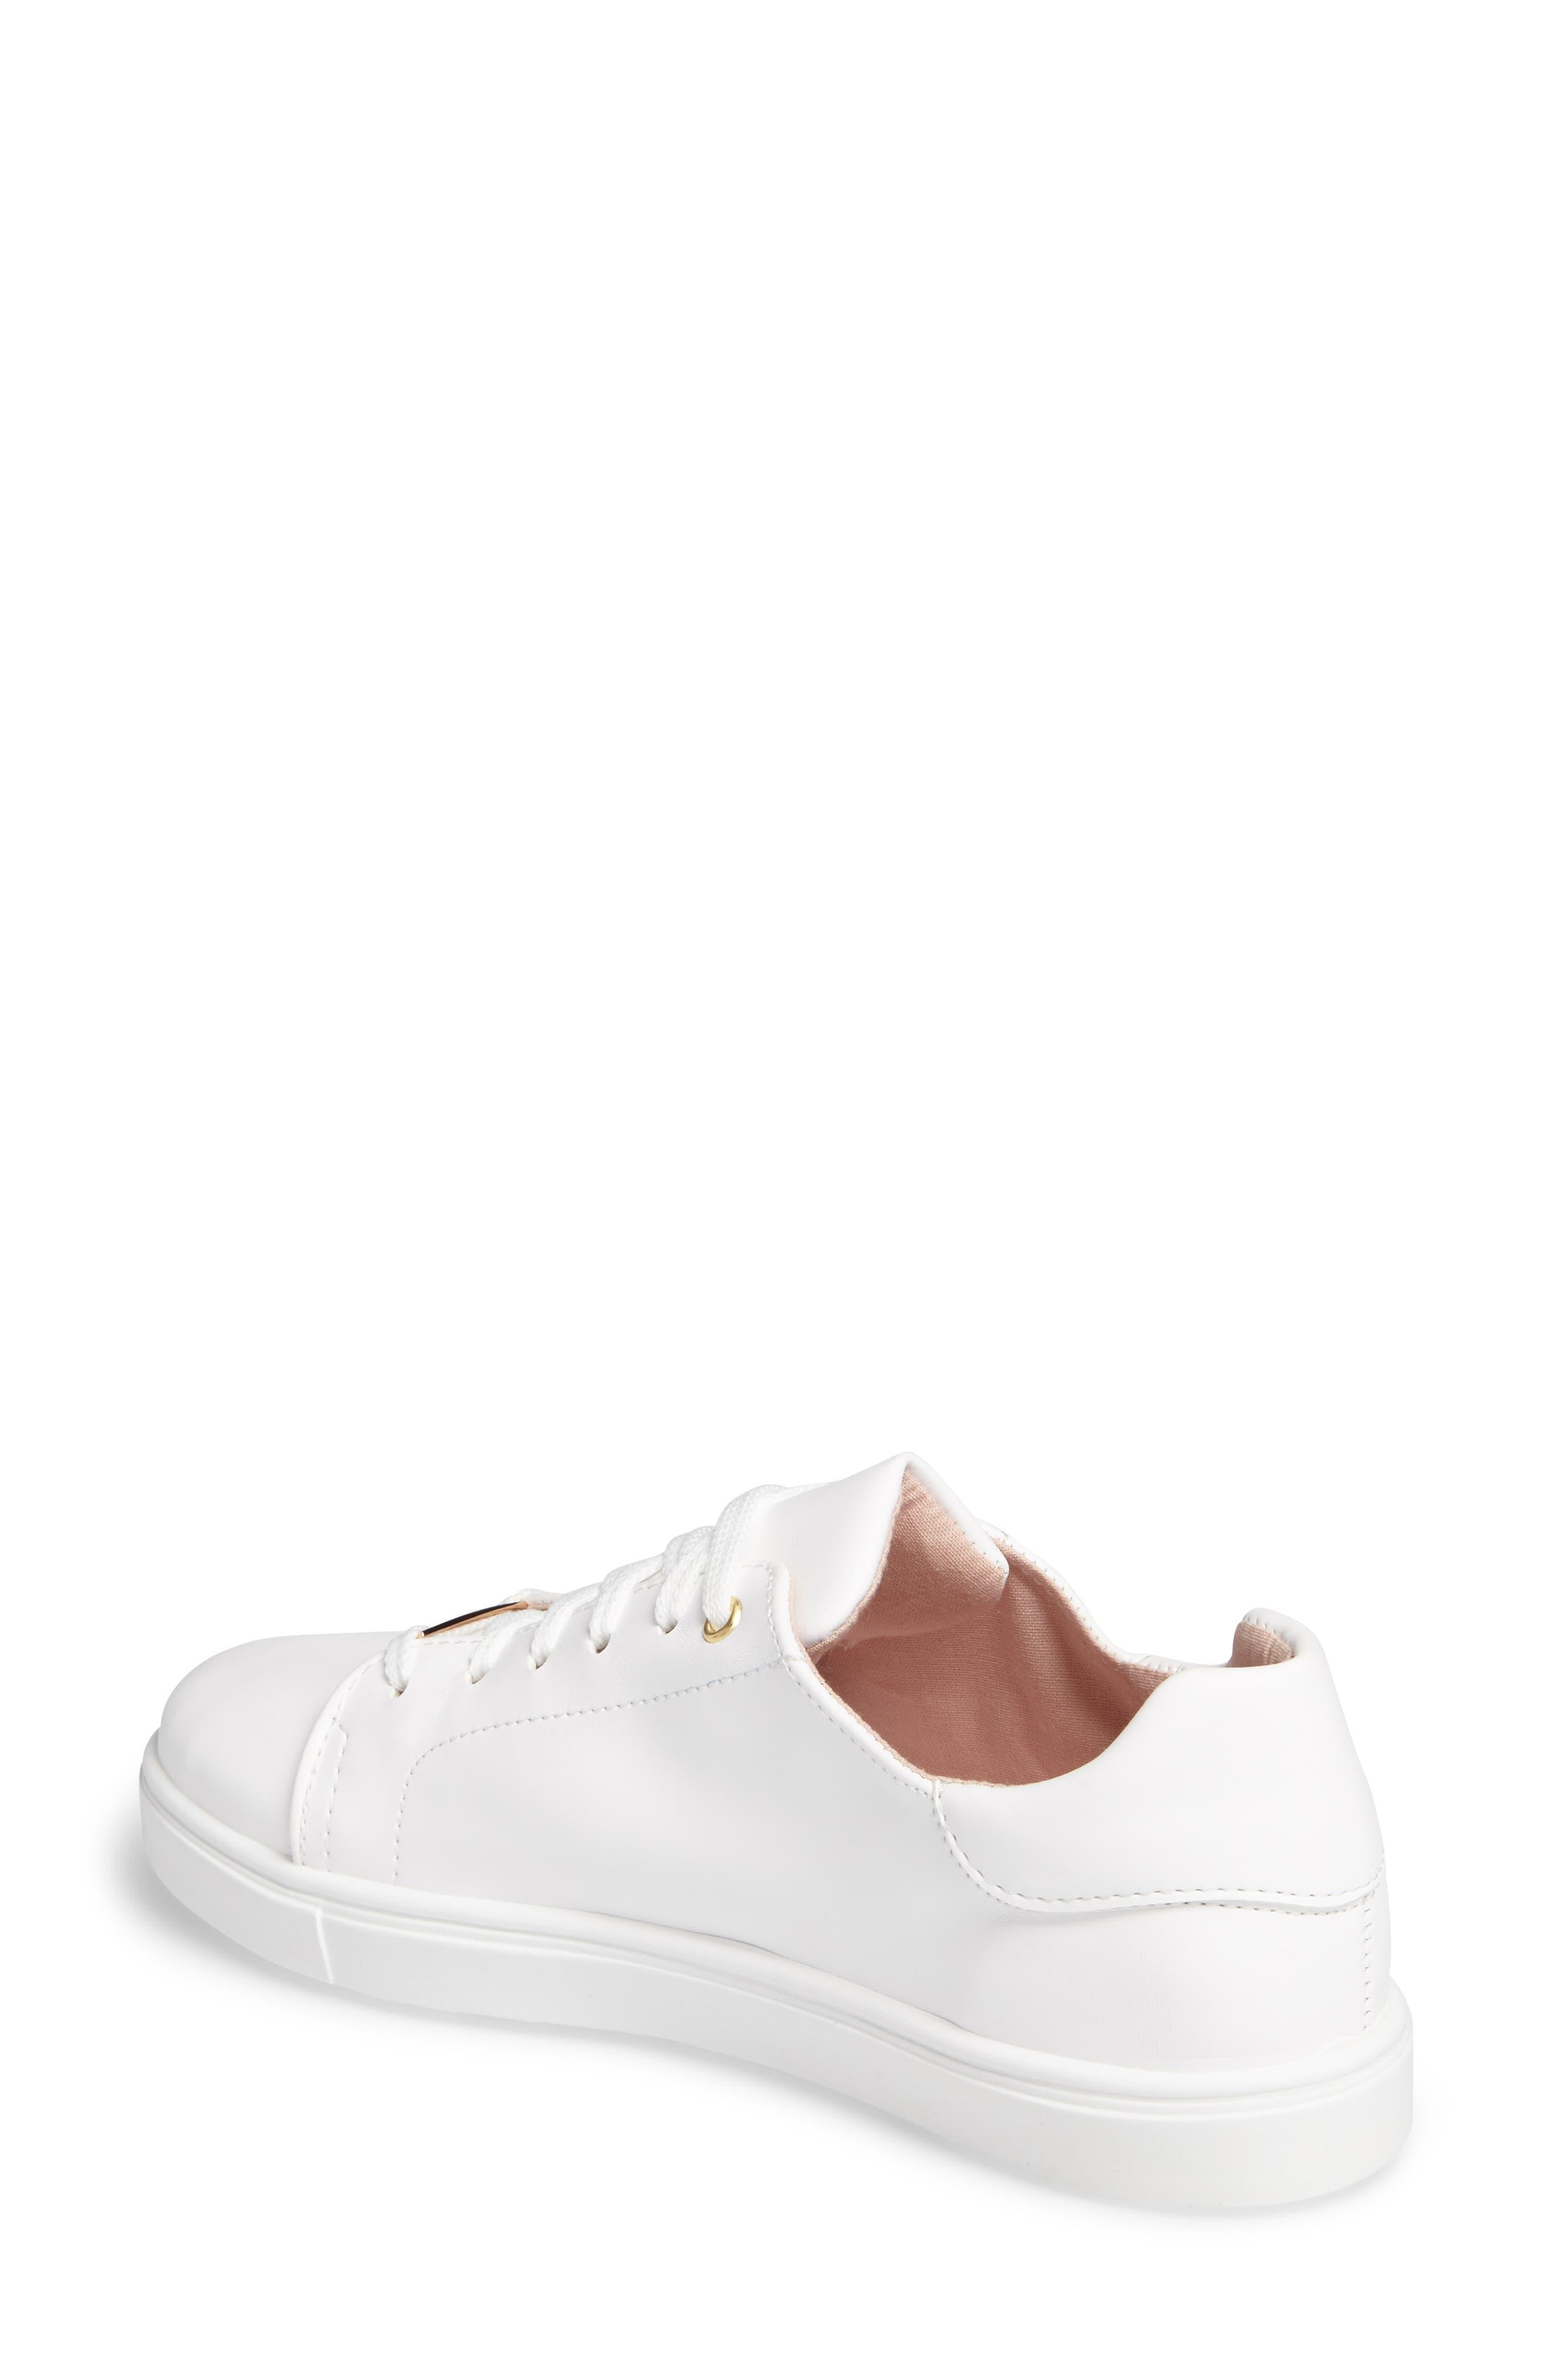 Cluster Sneaker,                             Alternate thumbnail 2, color,                             100